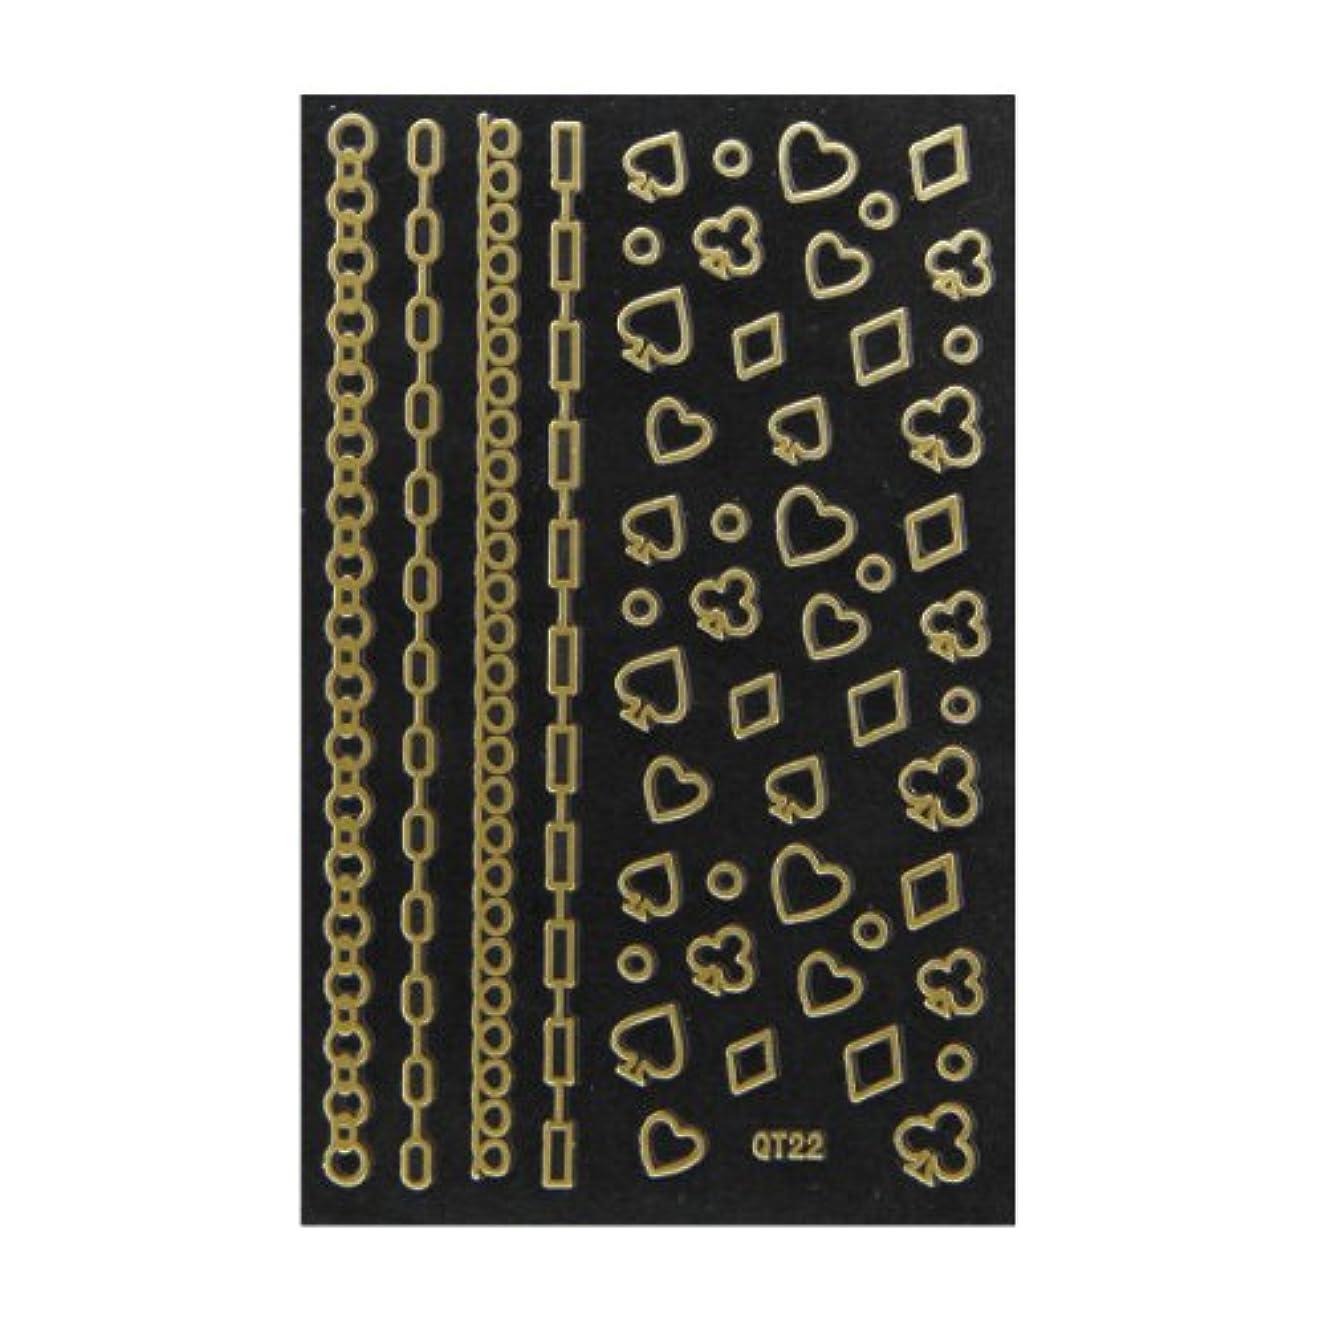 甥クリエイティブエンコミウムネイルシール 3D ネイルシート ファッションネイル メタリックシール22 (ネイル用品)